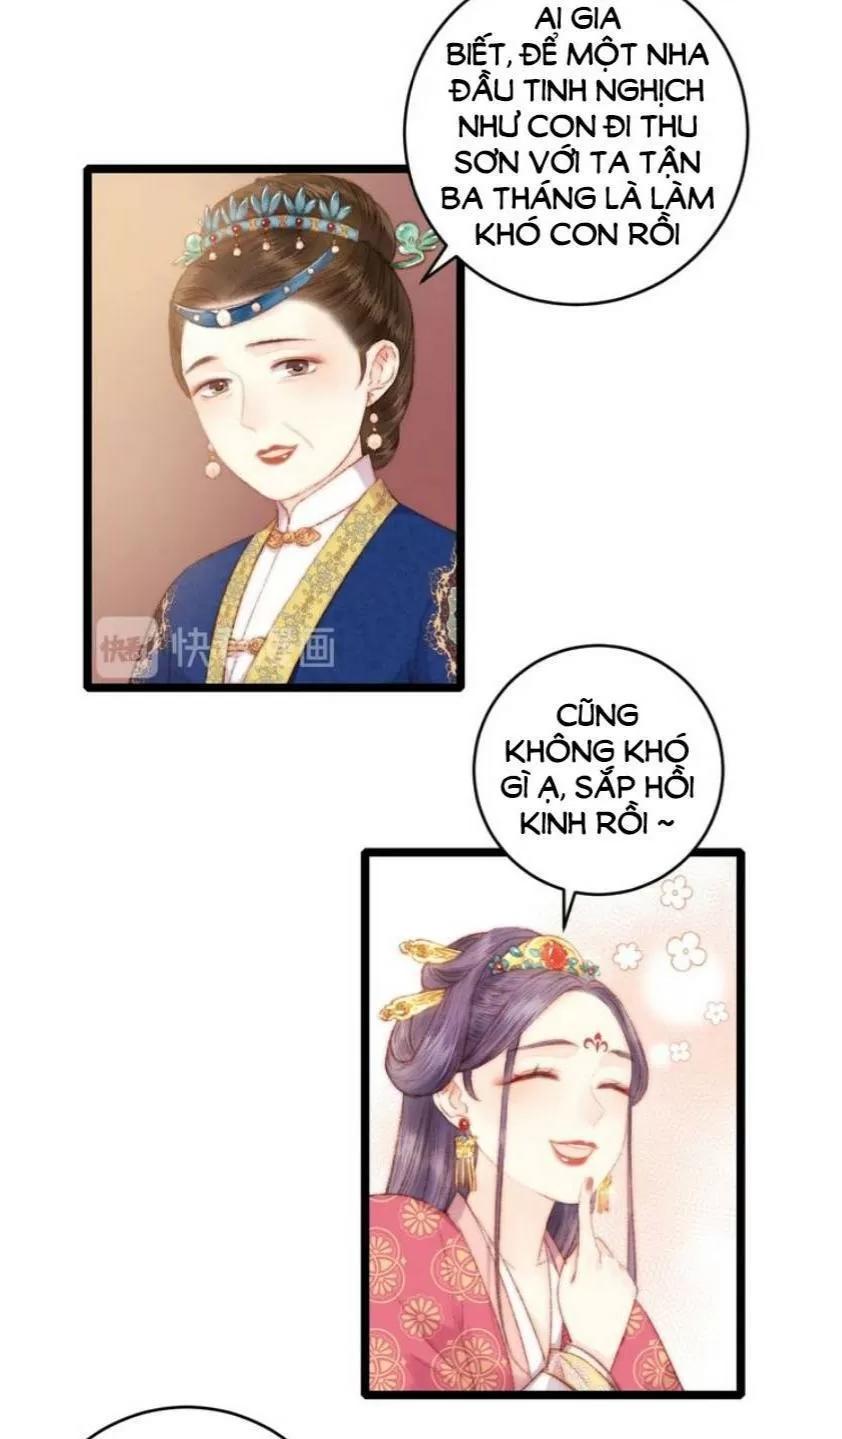 Nàng Phi Cửu Khanh - Thần Y Kiều Nữ chap 67 - Trang 4